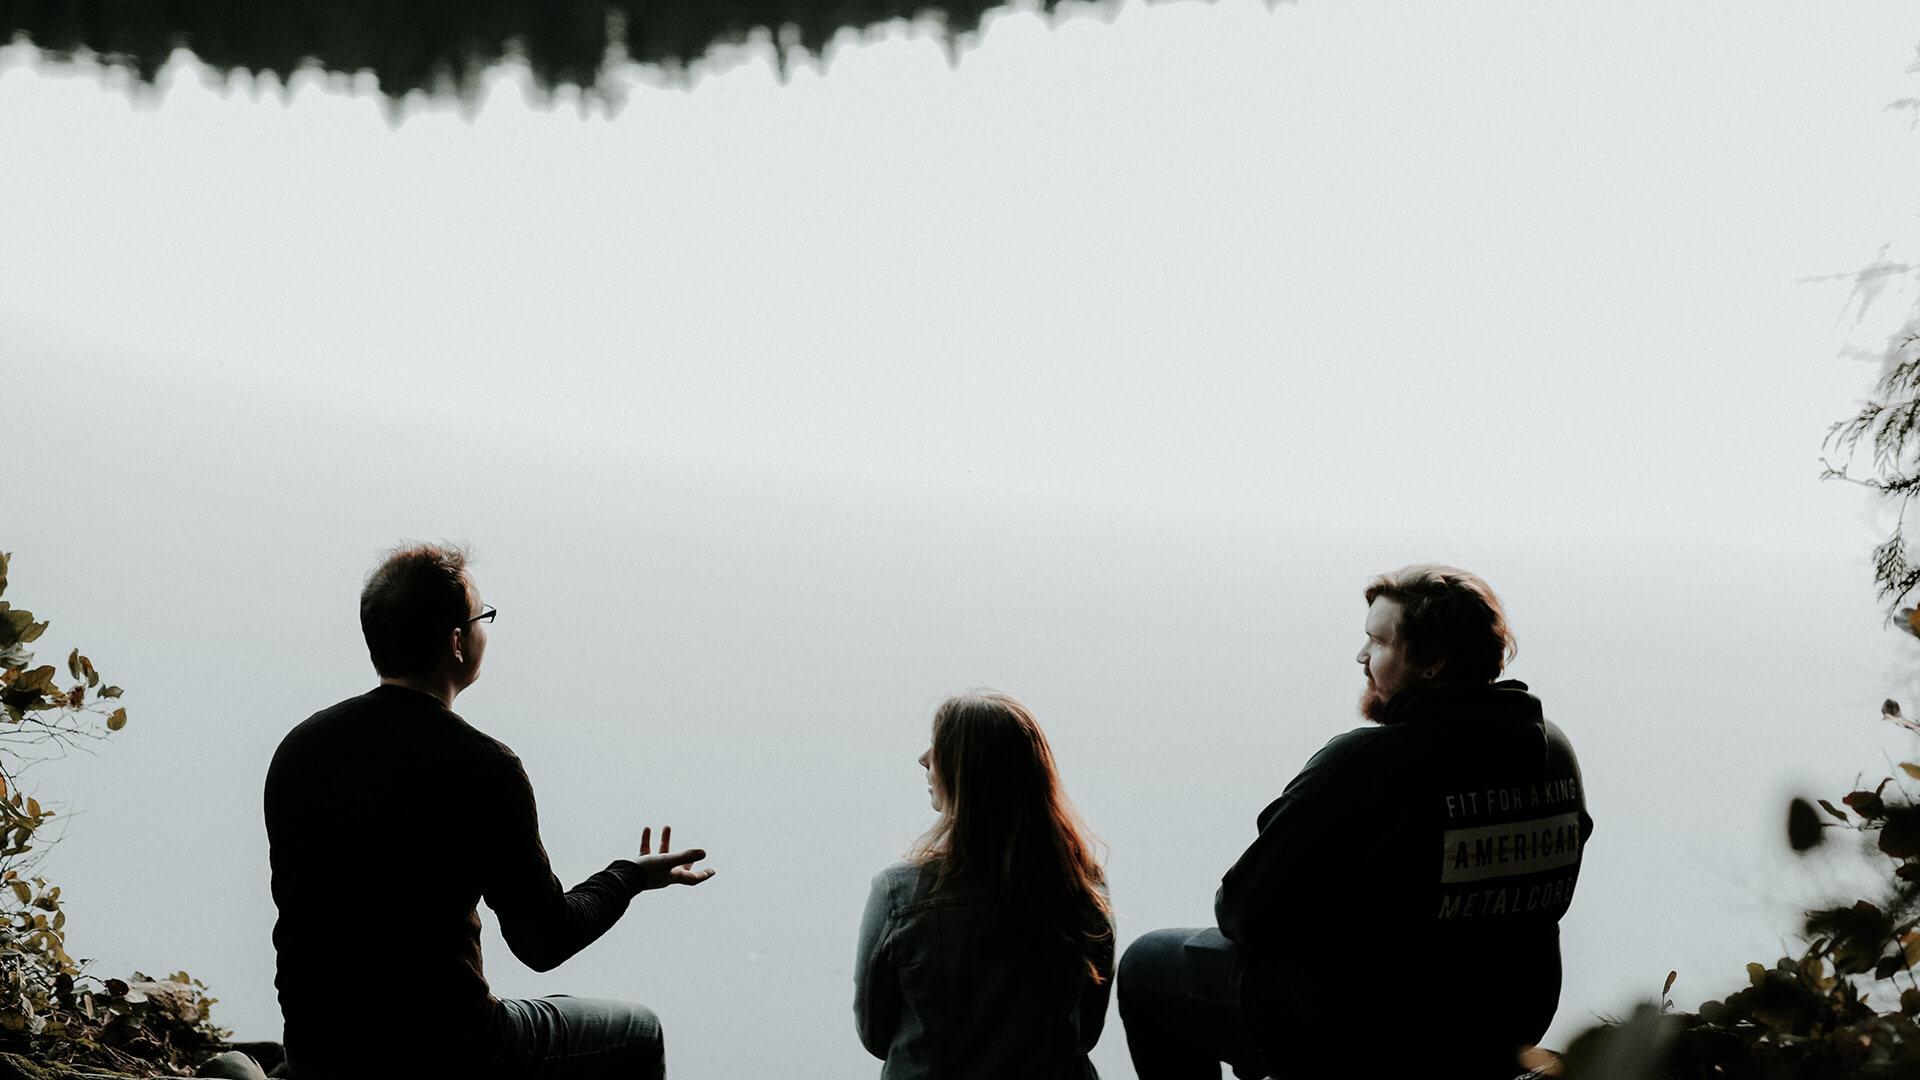 Silhouette von Menschen, die sich im Gespräch inspirieren lassen